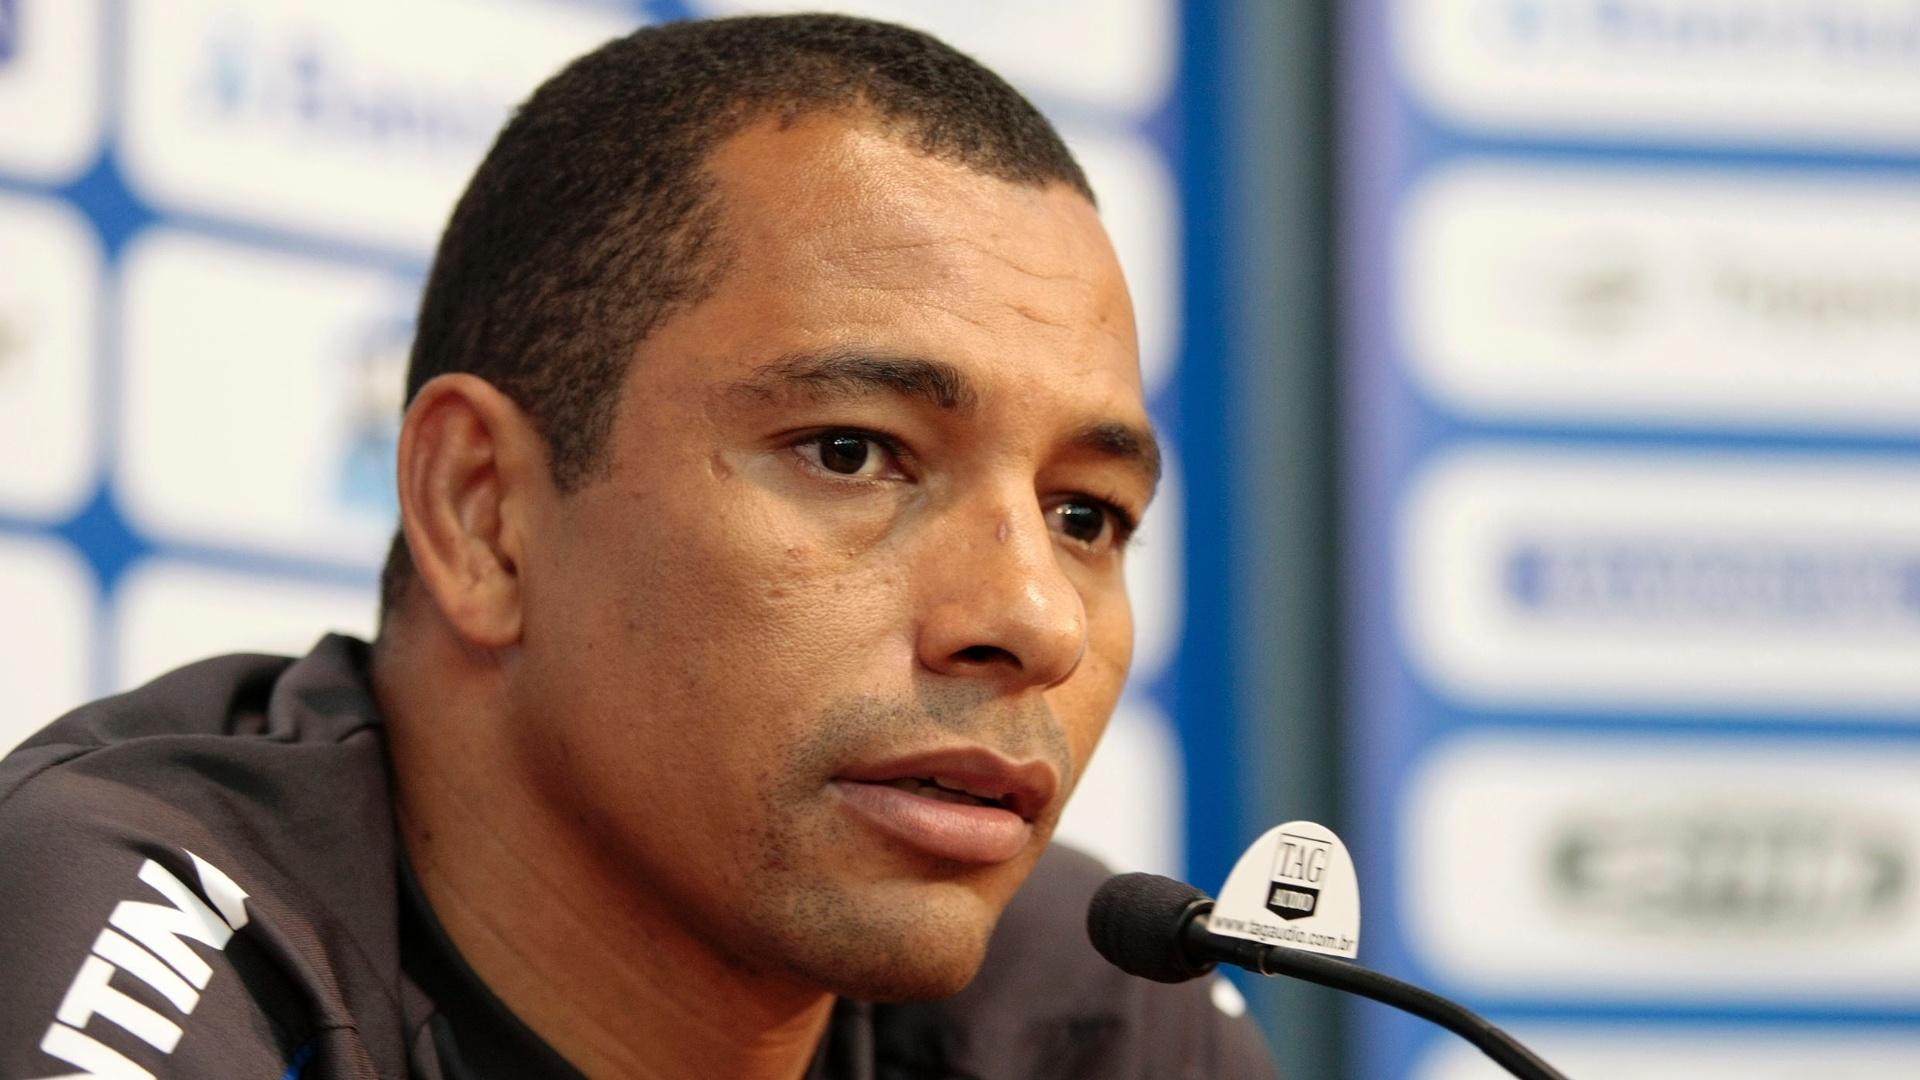 Gilberto Silva concede entrevista coletiva no estádio Olímpico (20/08/2012)